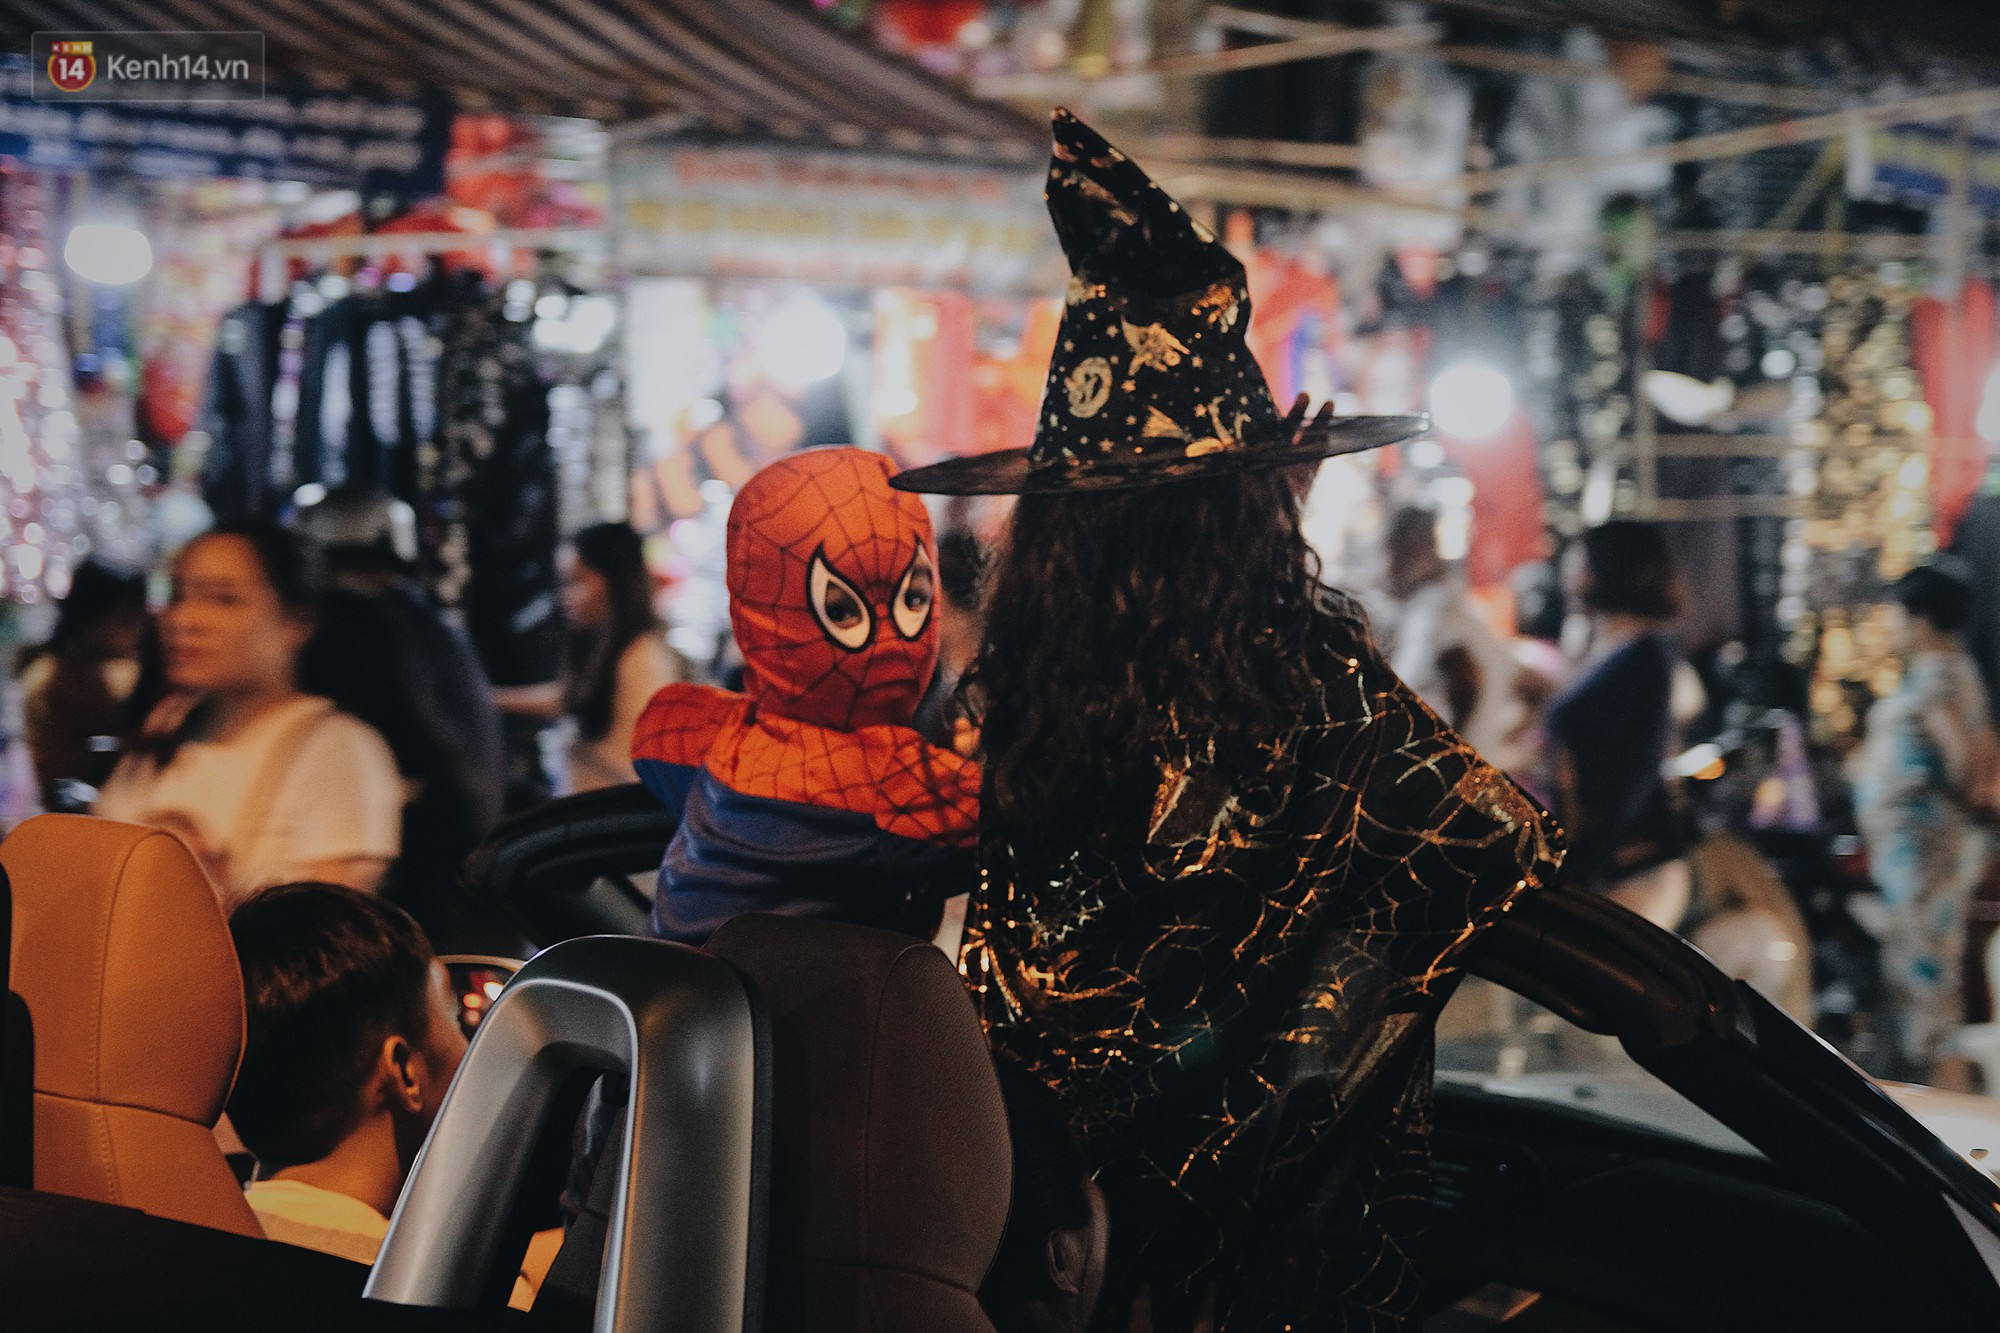 Hình ảnh Halloween tại phố Hàng Mã Hà Nội - Ảnh 14.